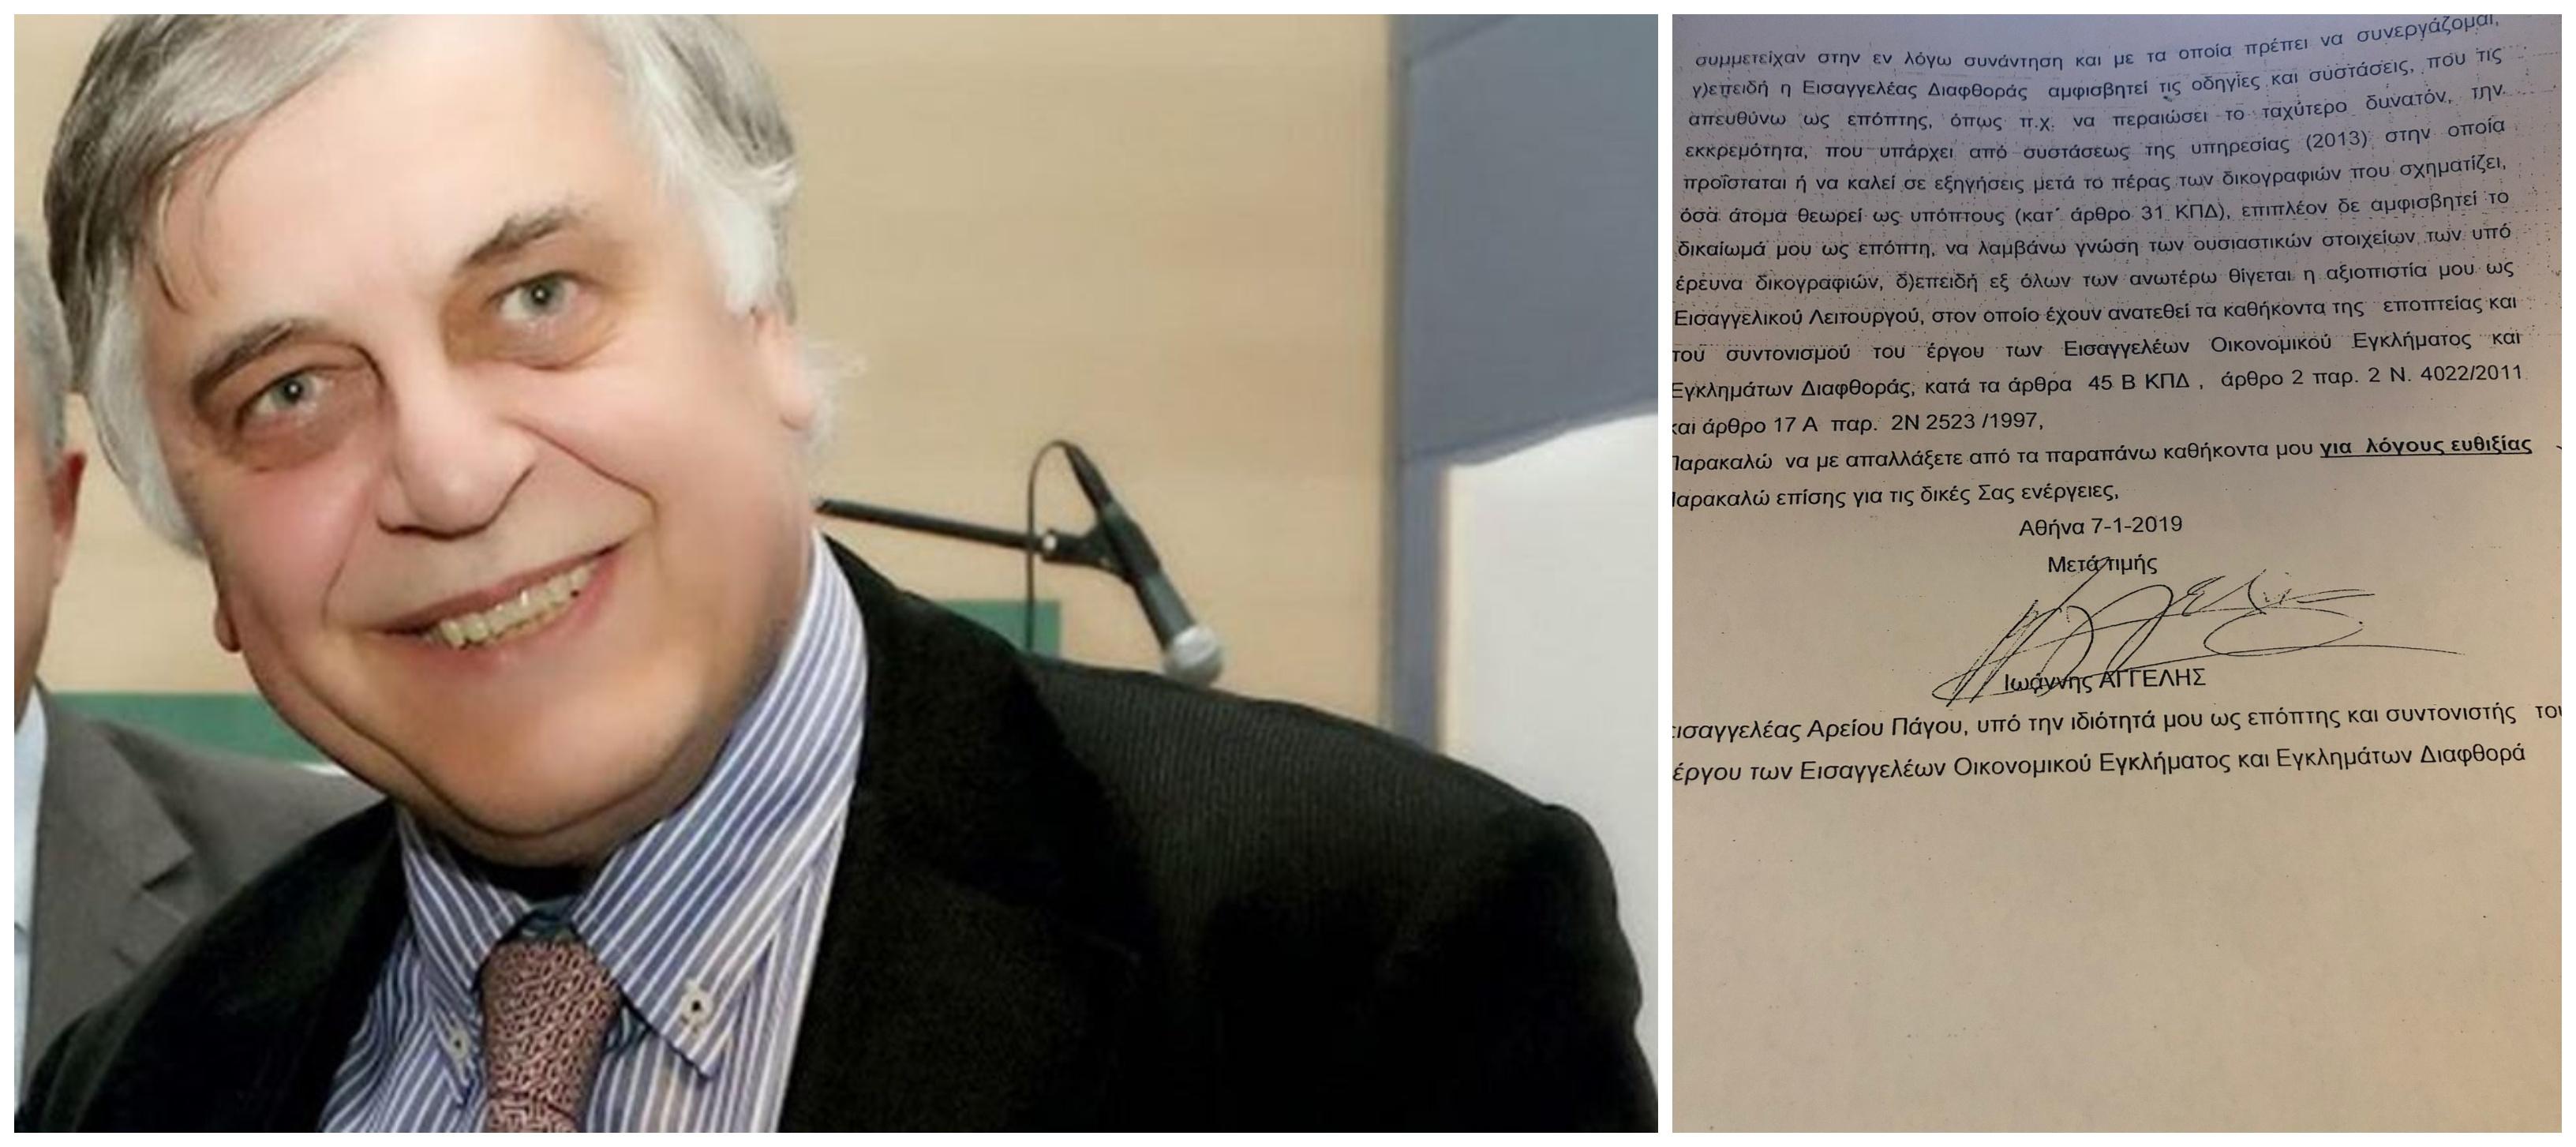 ΦάκελοςNovartis: Ολόκληρη η 1η– στρογγυλεμένη-αναφορά του αντεισαγγελέα Αγγελή που άνοιξε τον ασκό του Αιόλου